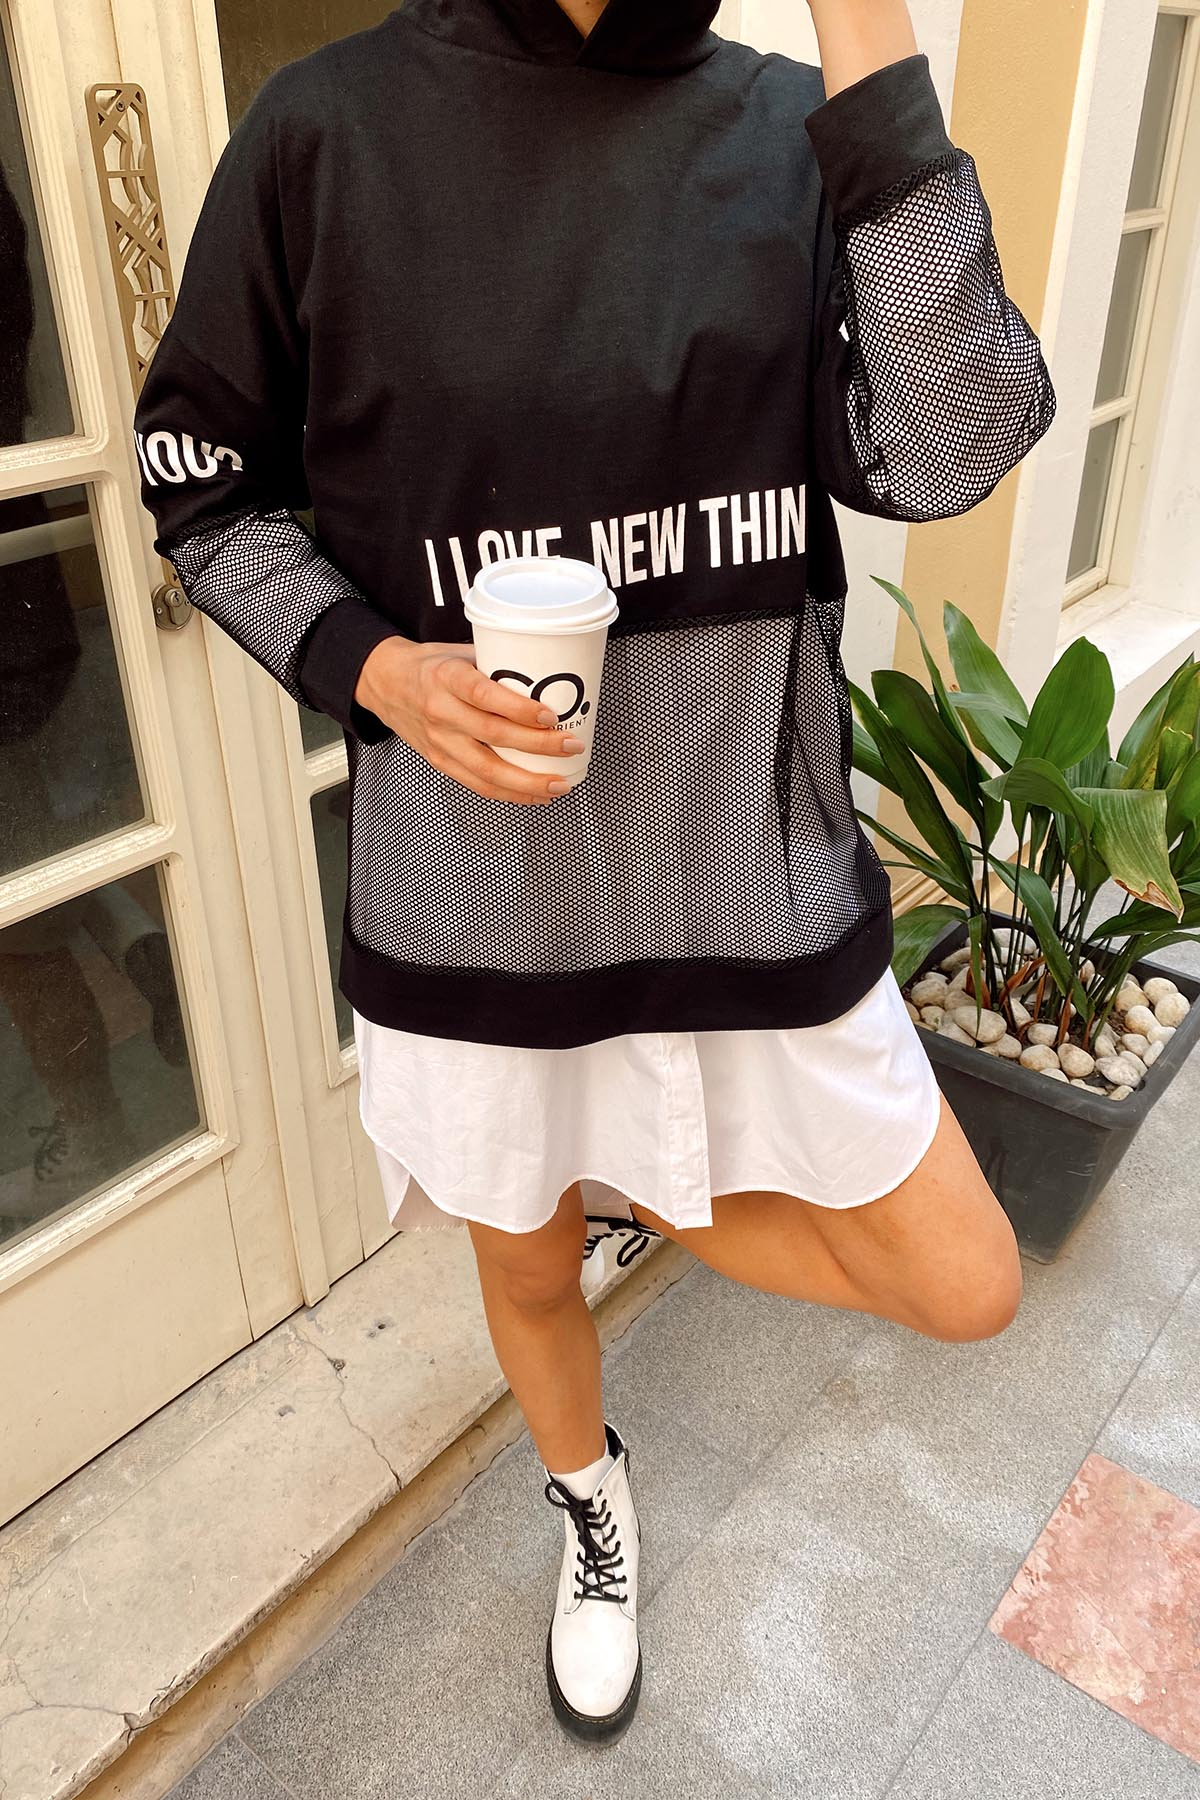 XHAN - Siyah File Detaylı Baskılı Tunik Boy Sweatshirt 1KXK8-44203-02